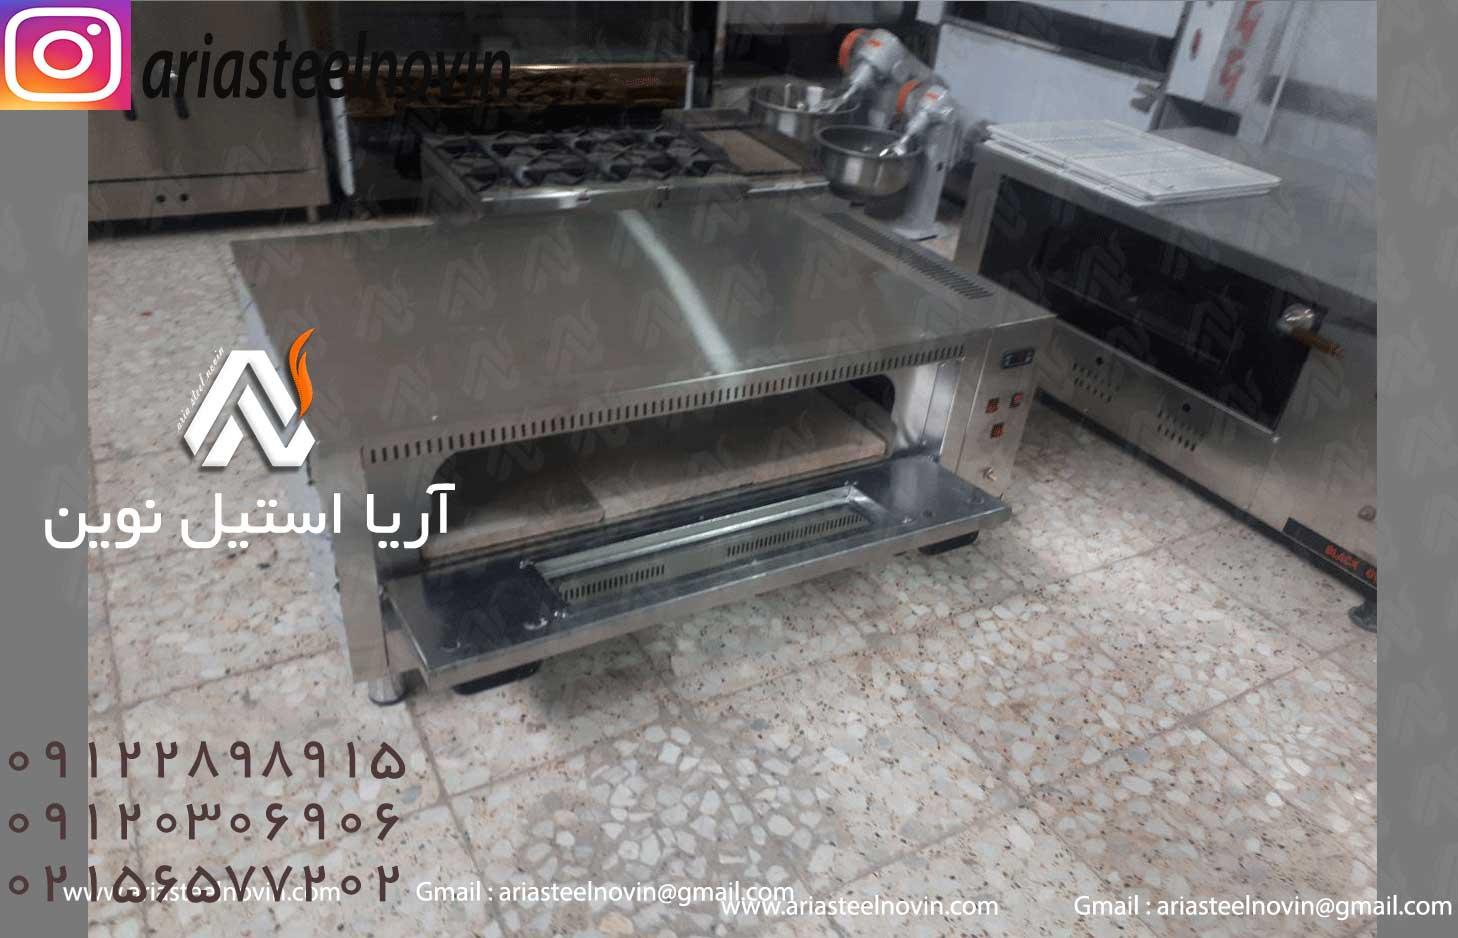 فر-پیتزا-ایتالیایی تجهیزات آشپزخانه صنعتی | تجهیزات فست فود